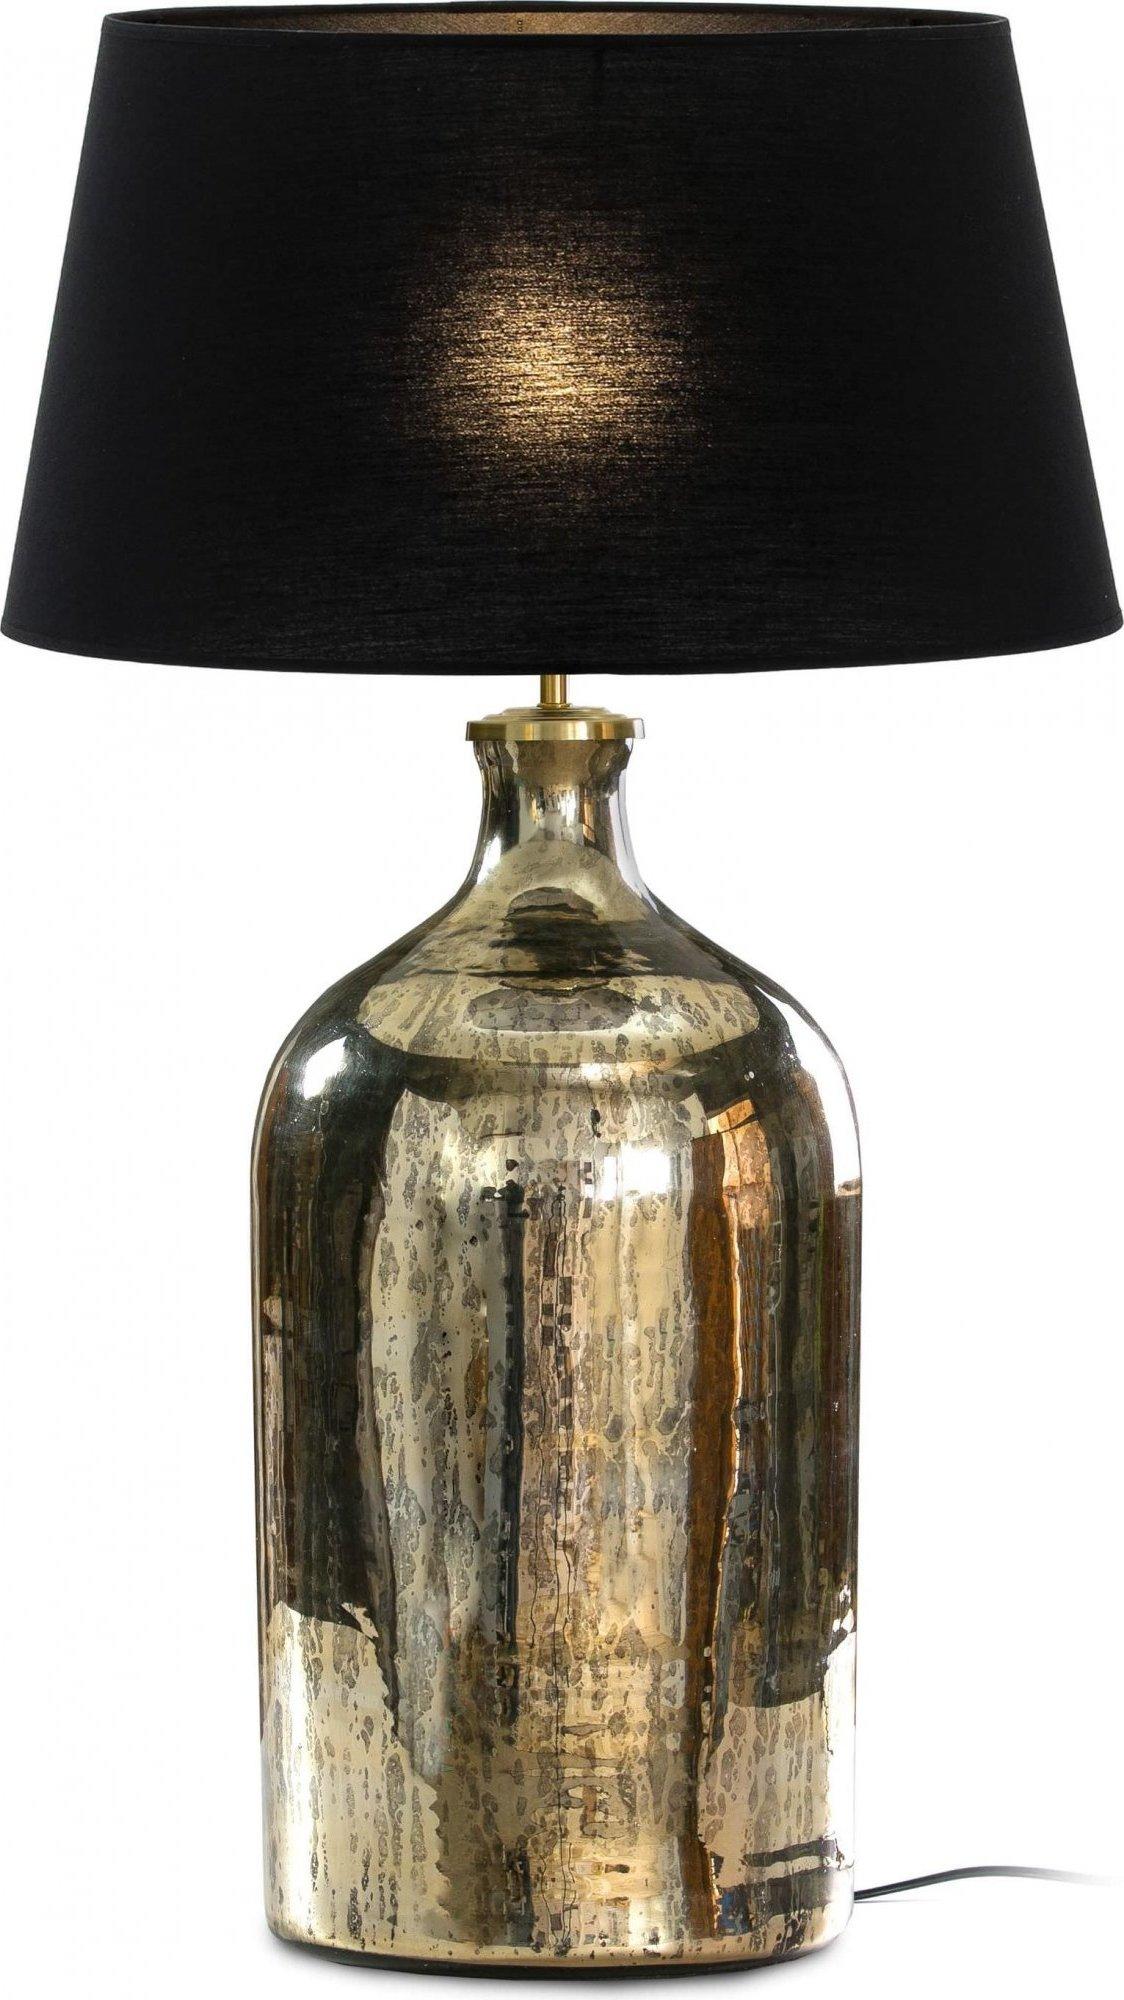 maison du monde Lampe de table dorée